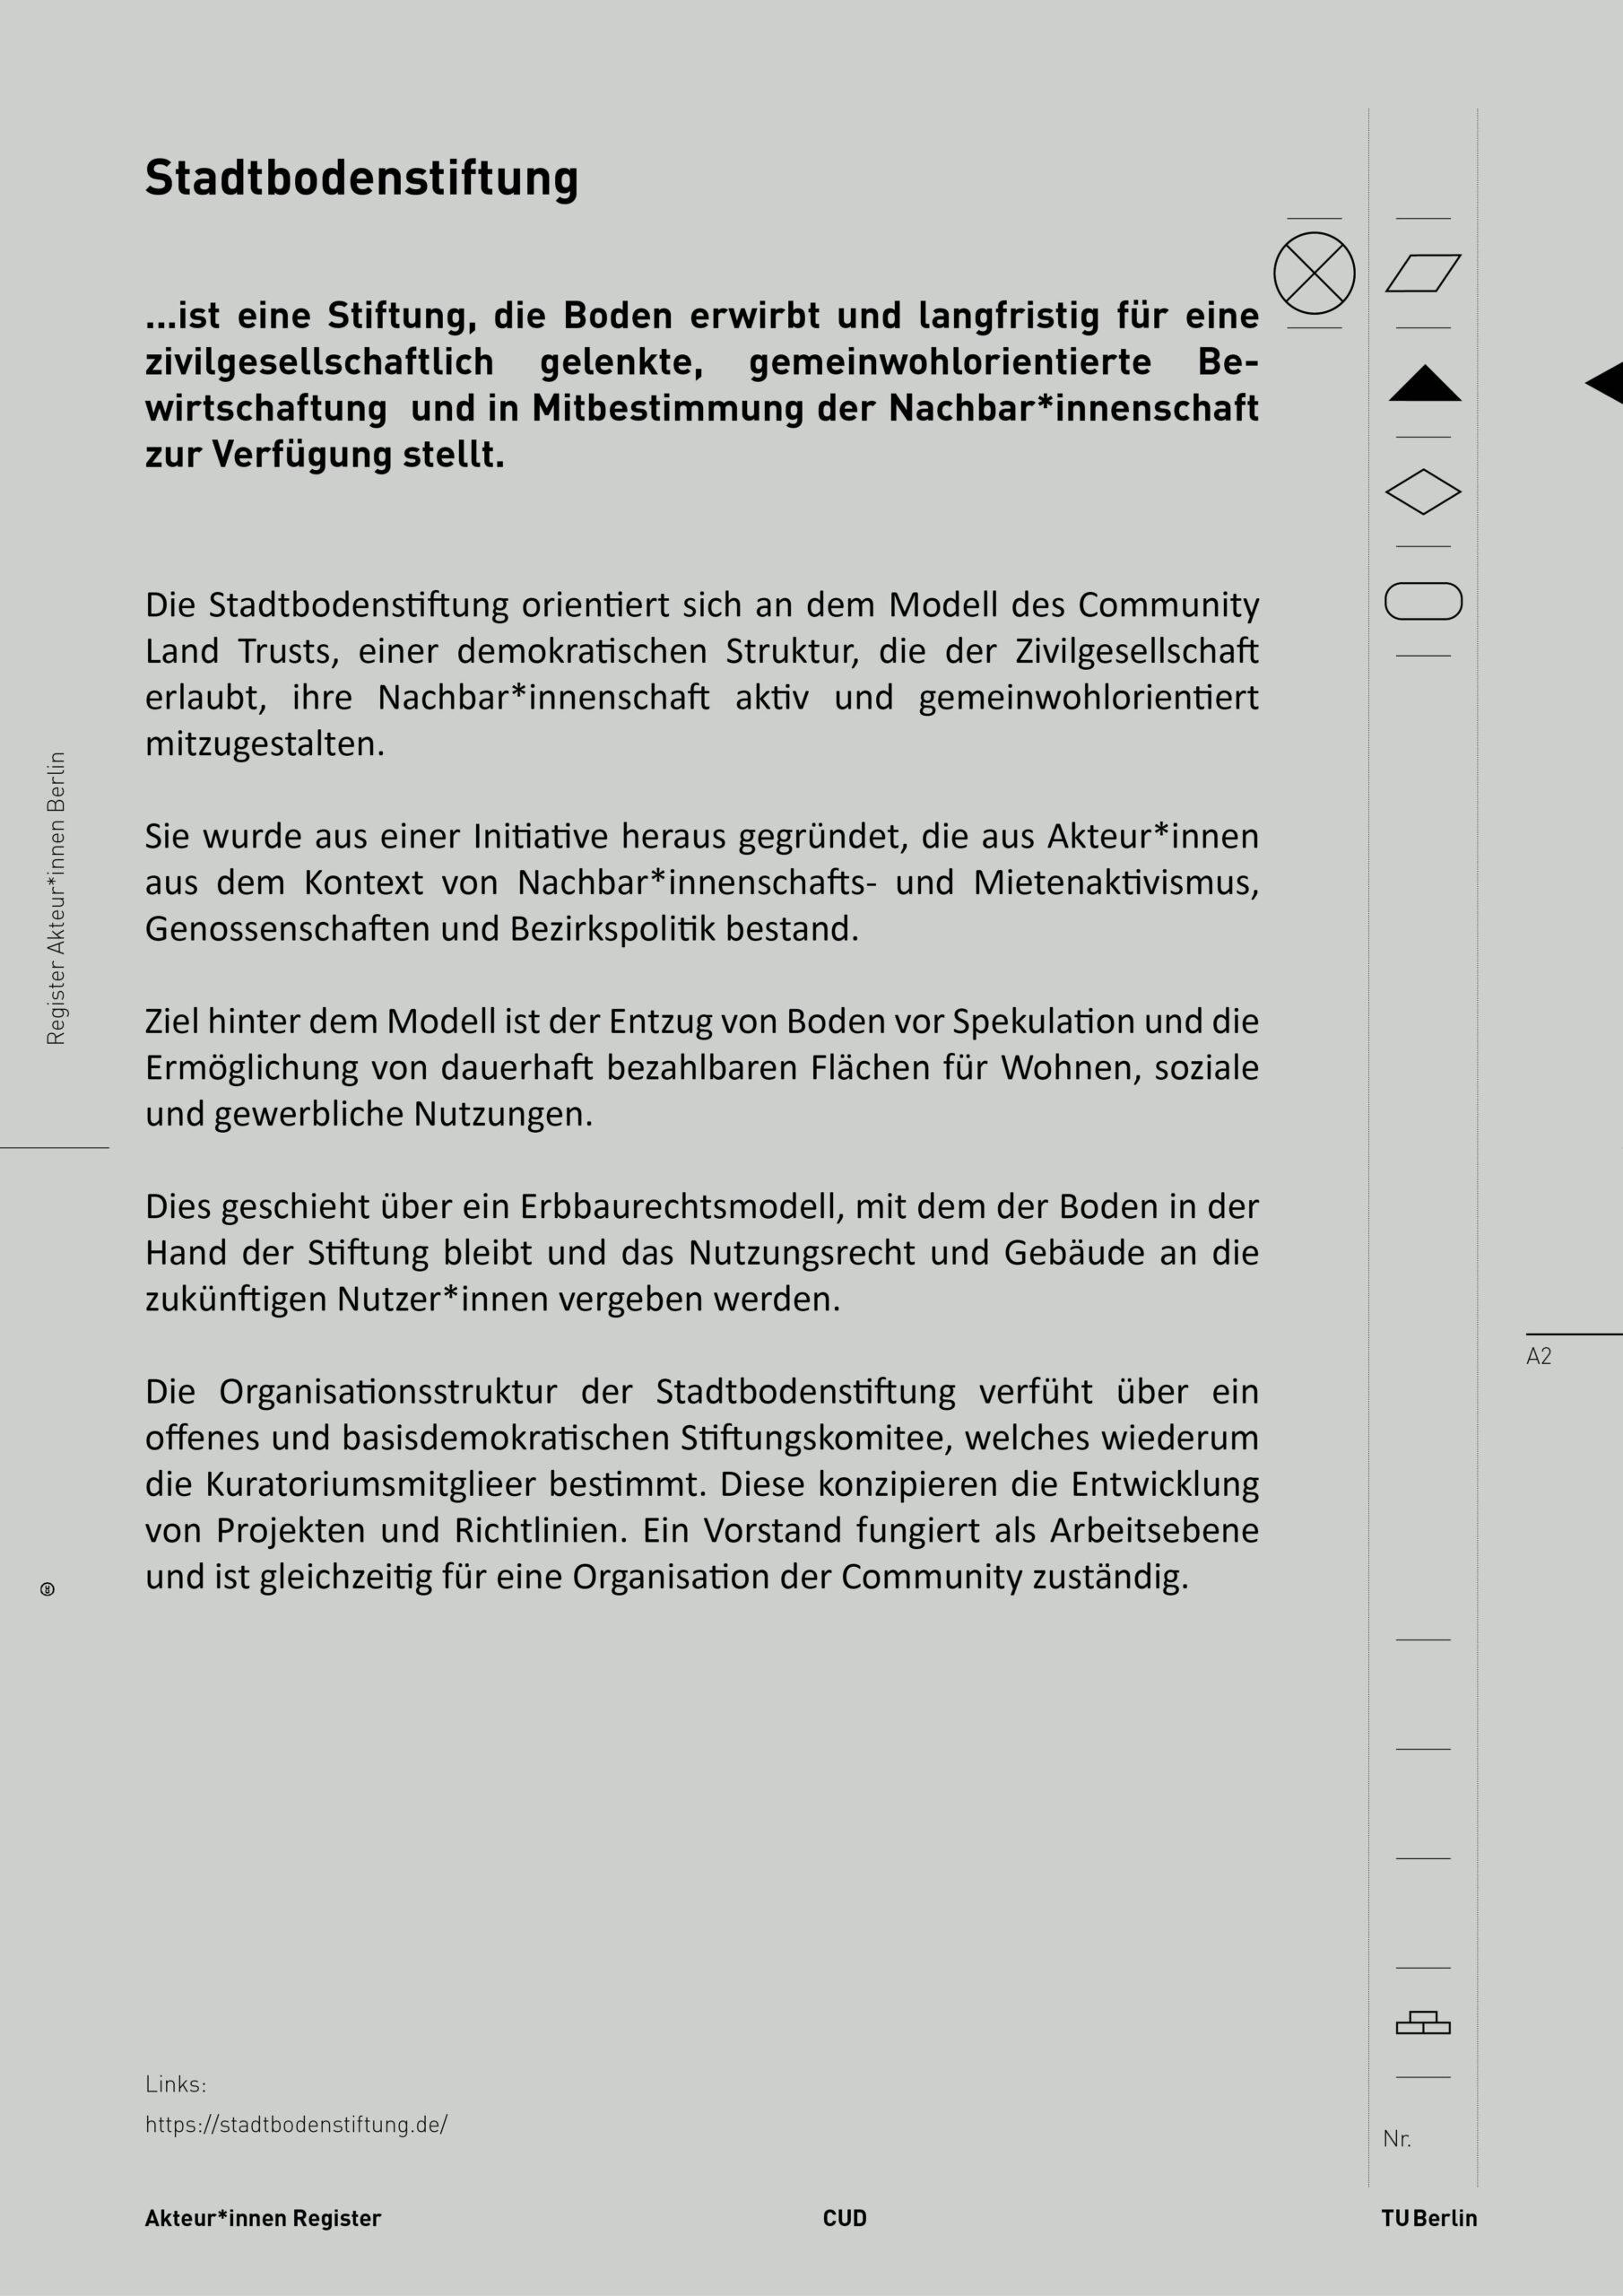 2021-05-17_AkteurInnen_Register_16